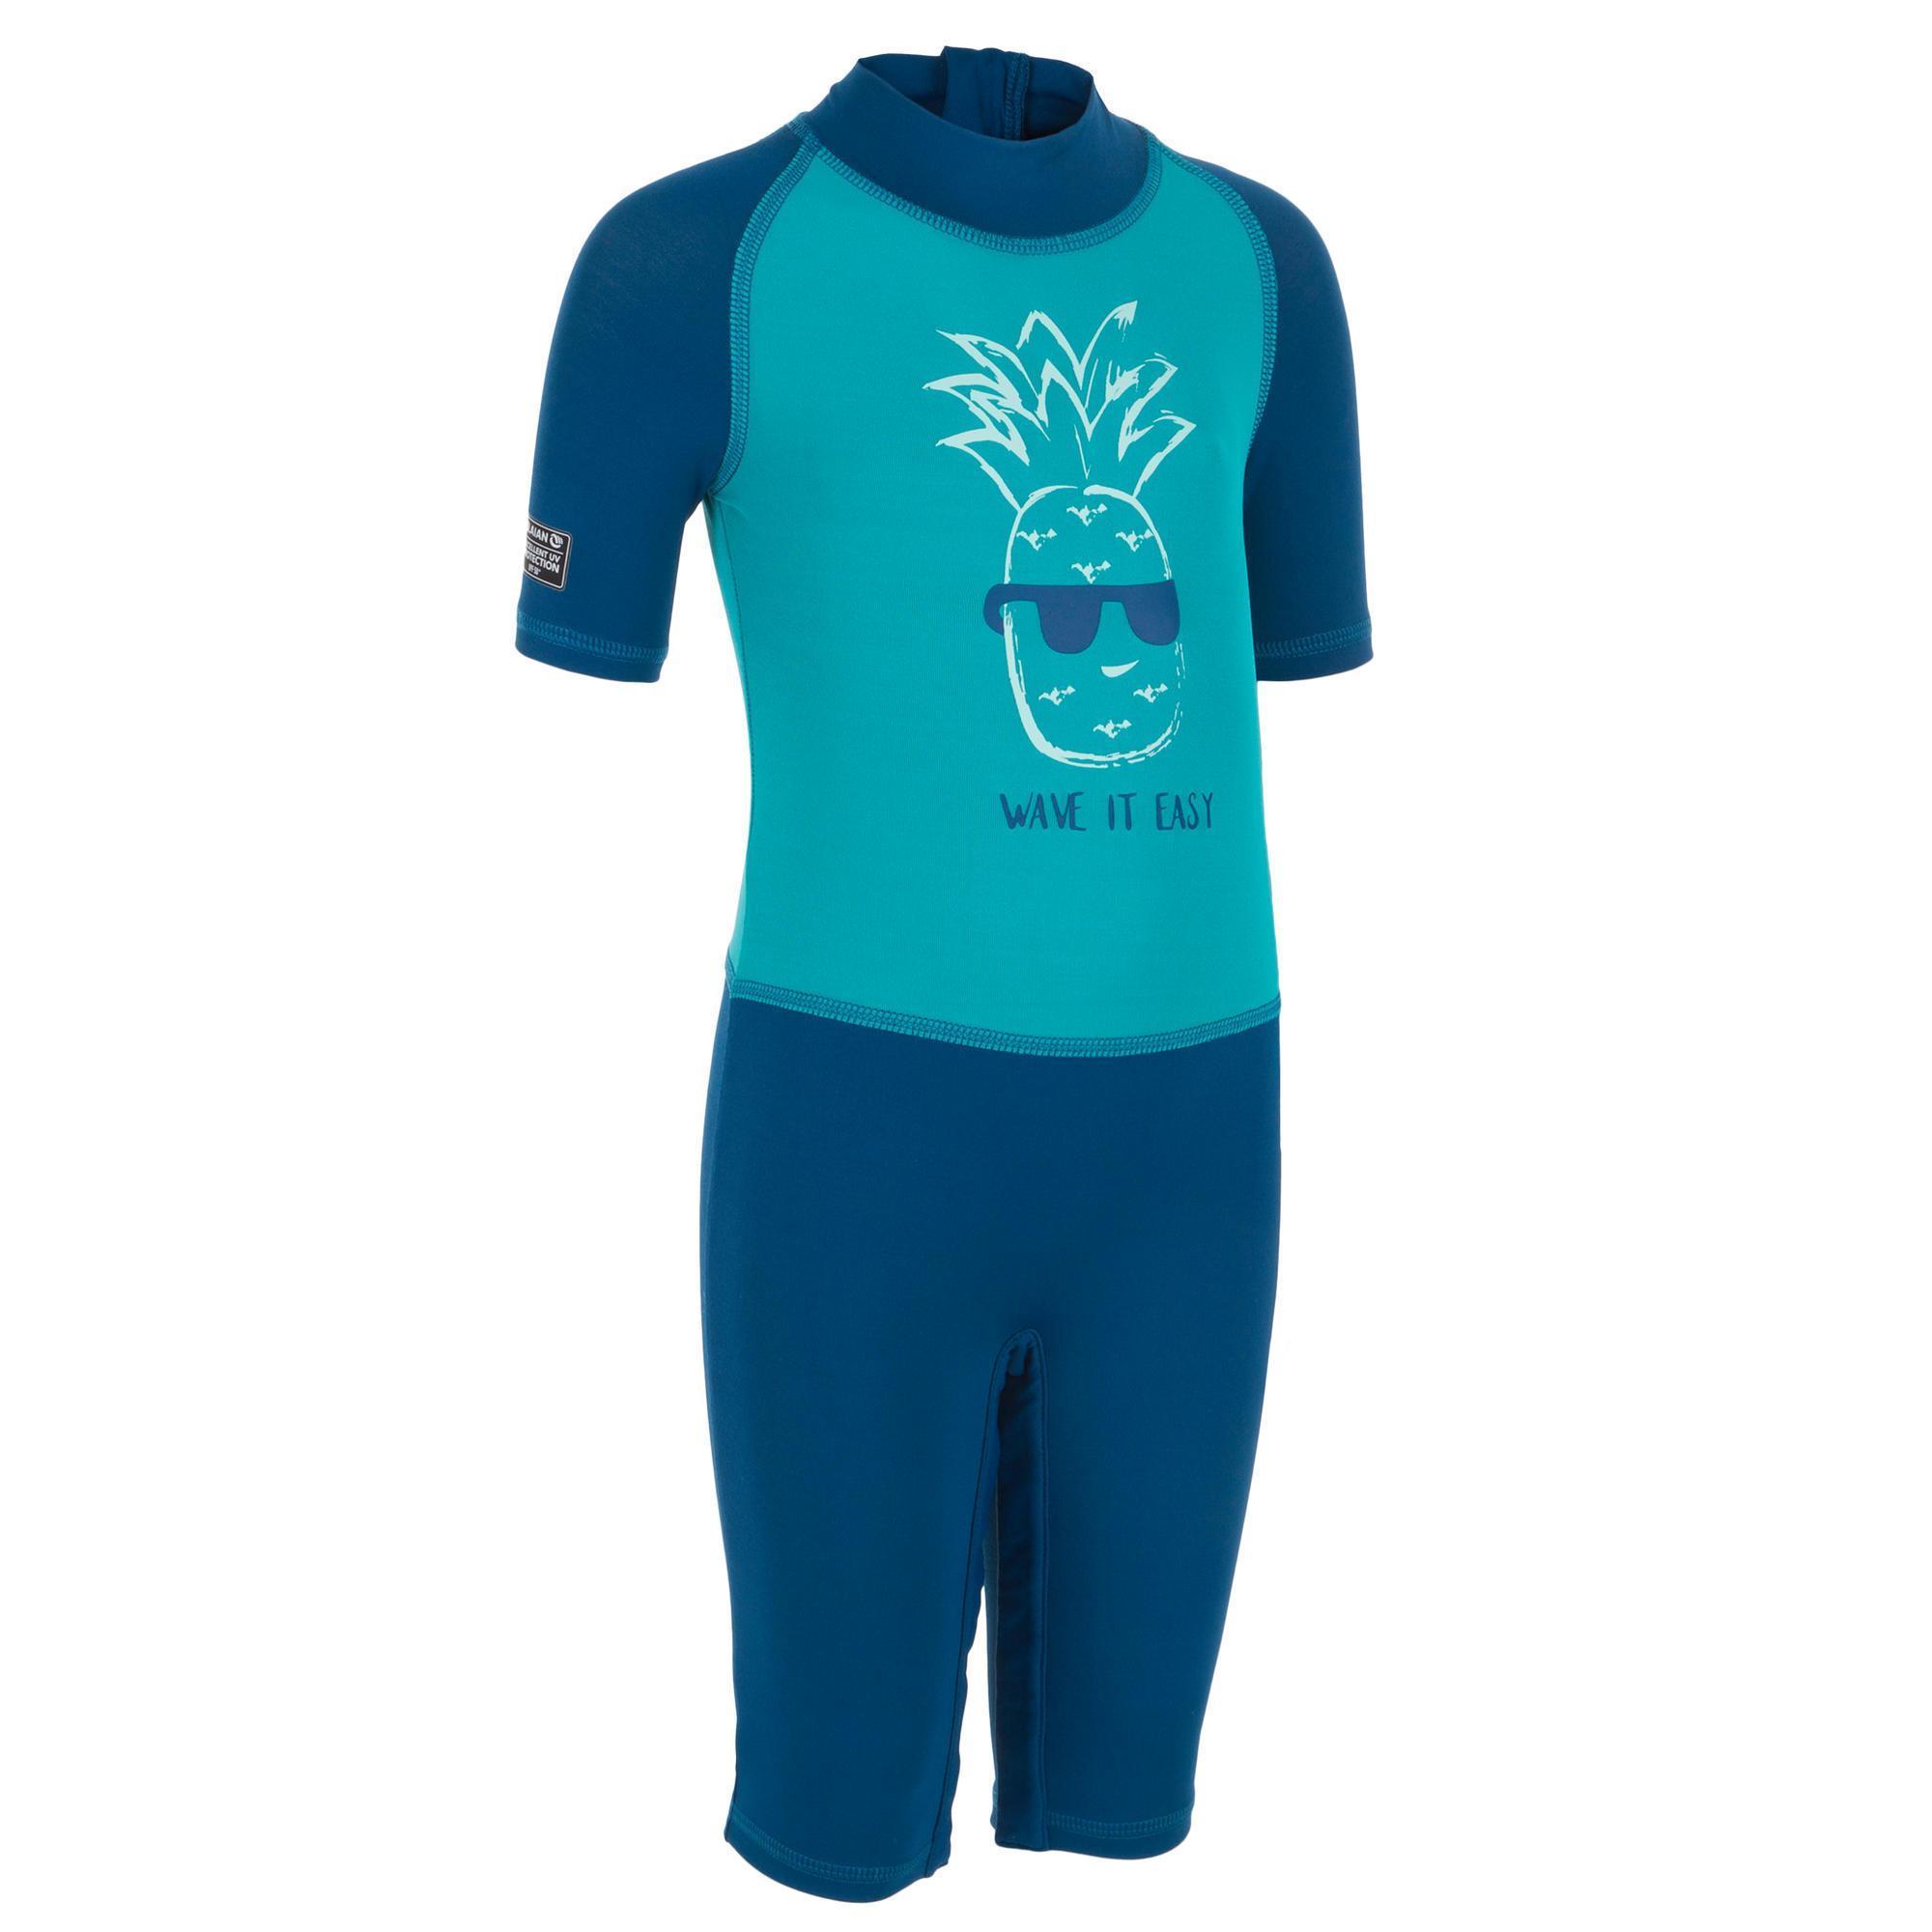 b5517e8ed Comprar Camiseta Protección Solar Niños y Bebes Online | Decathlon